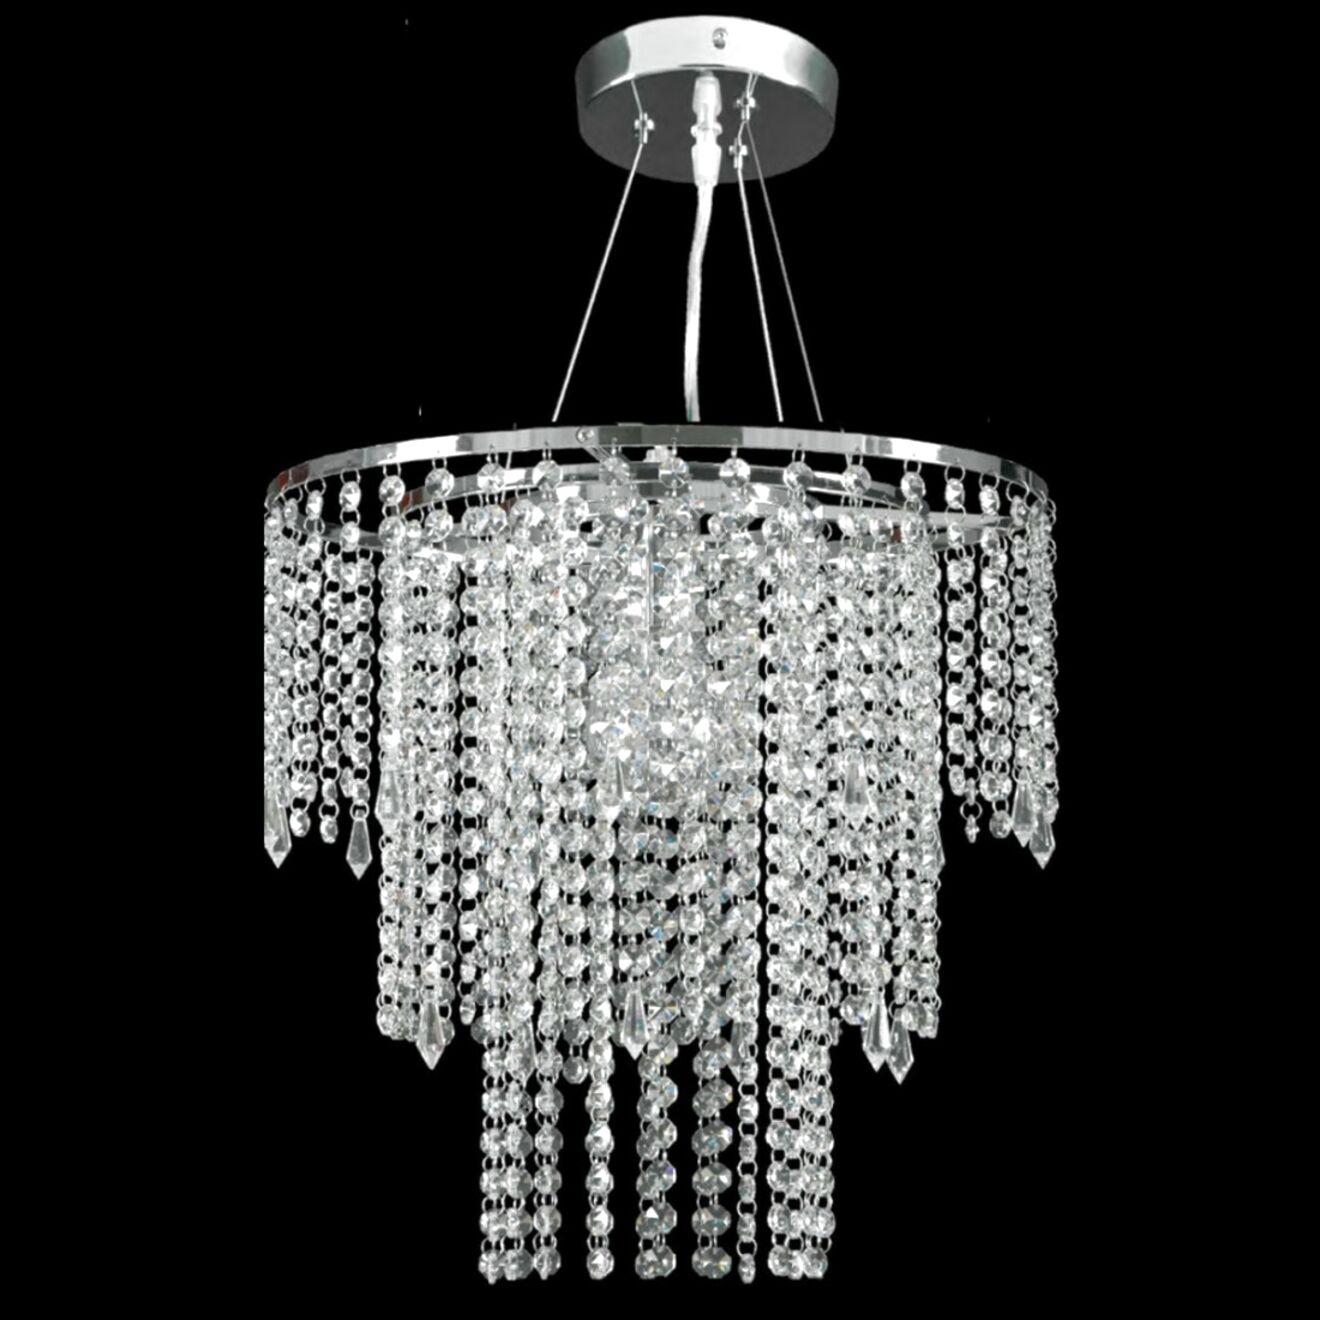 Negozi Lampadari Caserta E Provincia lampadario gocce